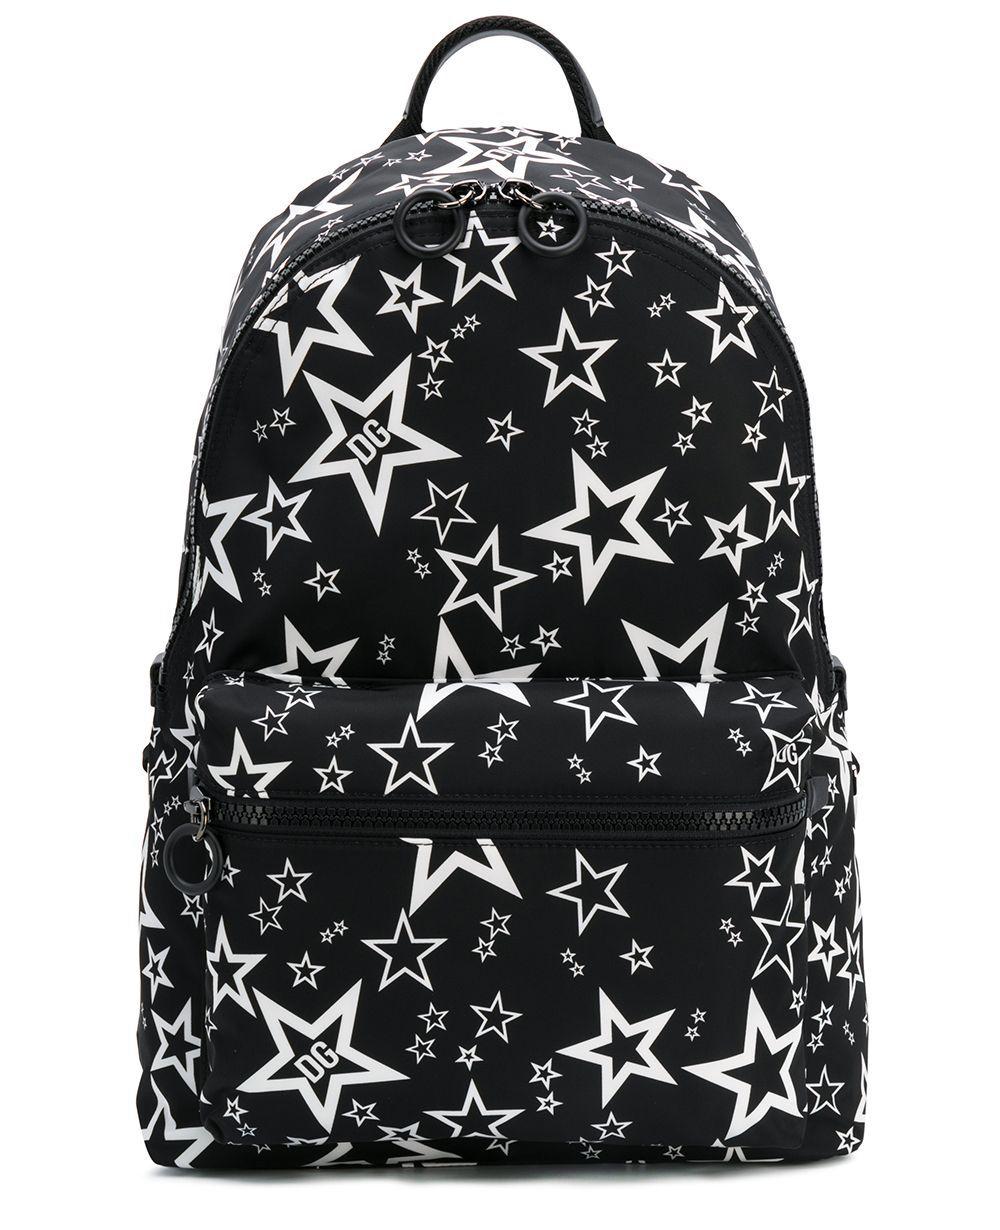 DG Millennials Star Backpack